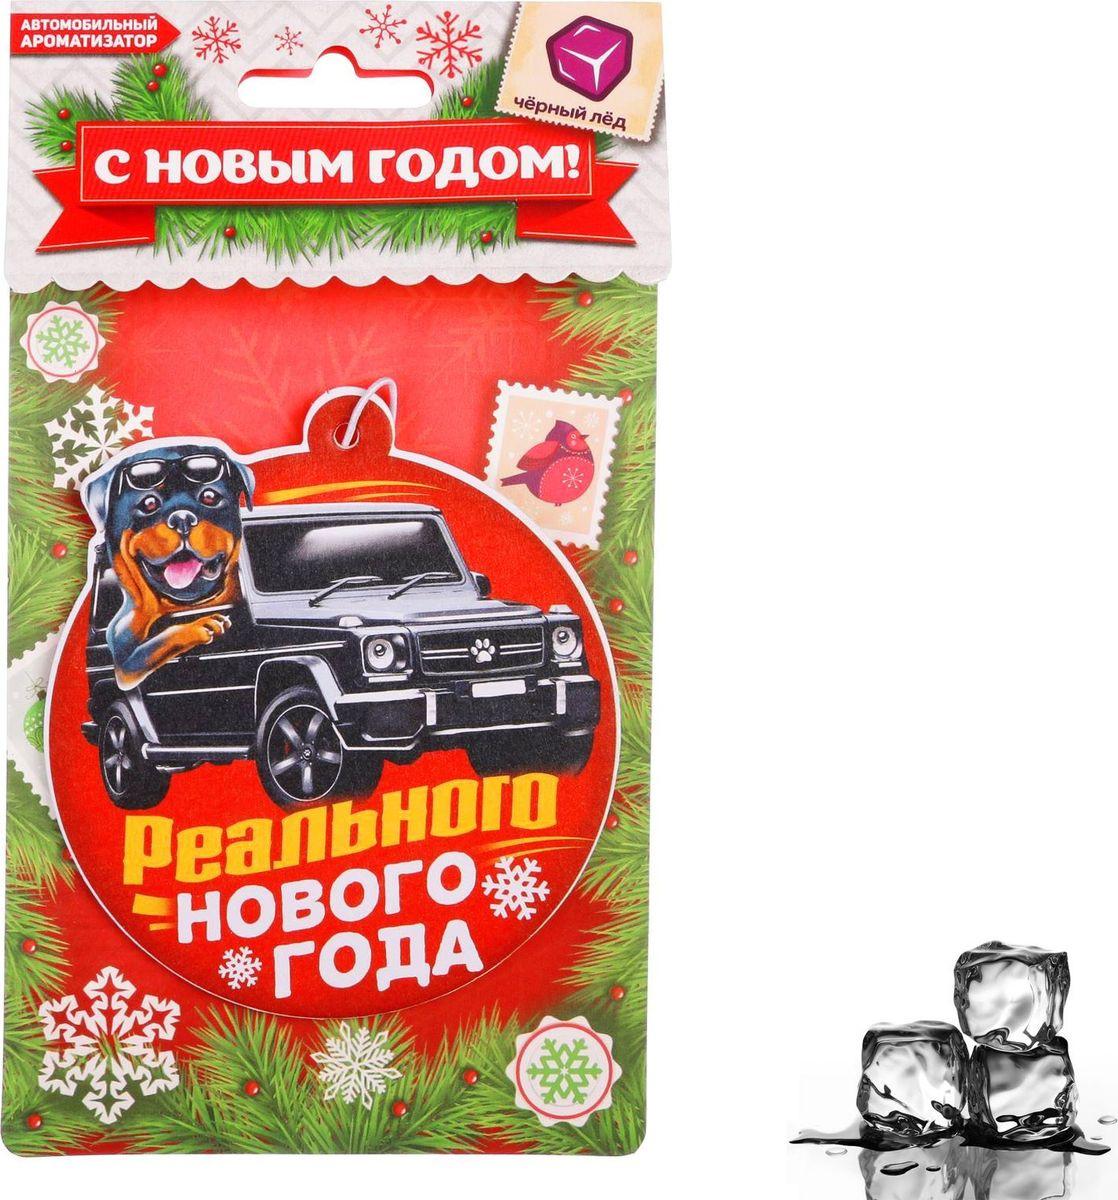 Автомобильный ароматизатор